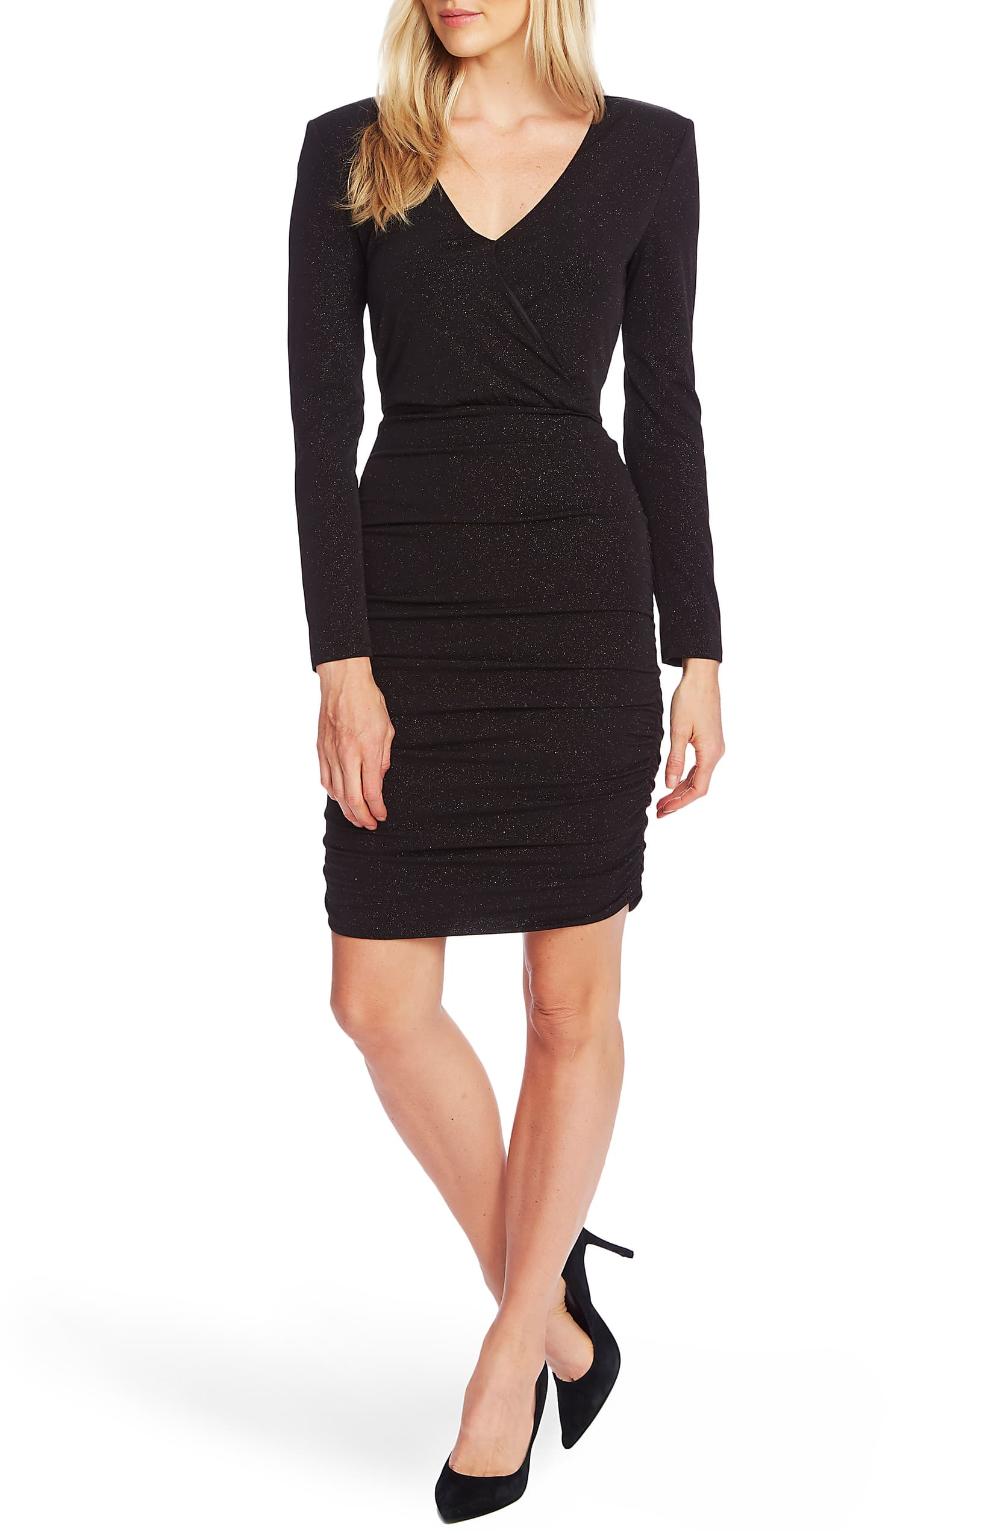 Vince Camuto Sparkle Long Sleeve Faux Wrap Dress Nordstrom Faux Wrap Dress Nordstrom Dresses Wrap Dress [ 1533 x 1000 Pixel ]